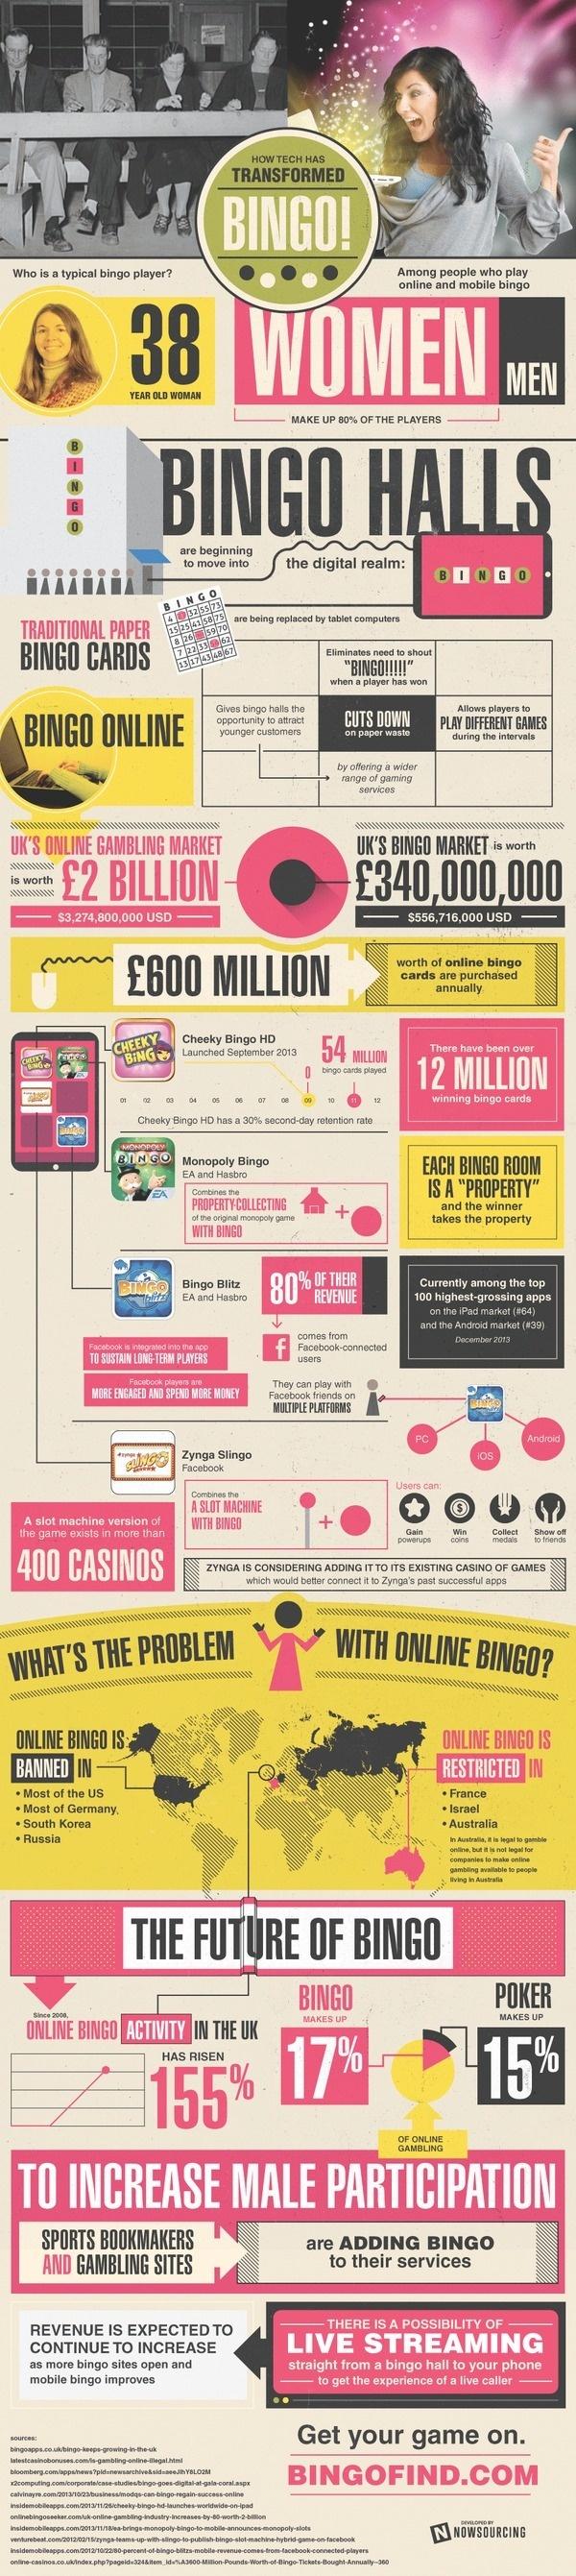 How Tech Has Transformed Bingo #online #gambling #bingo